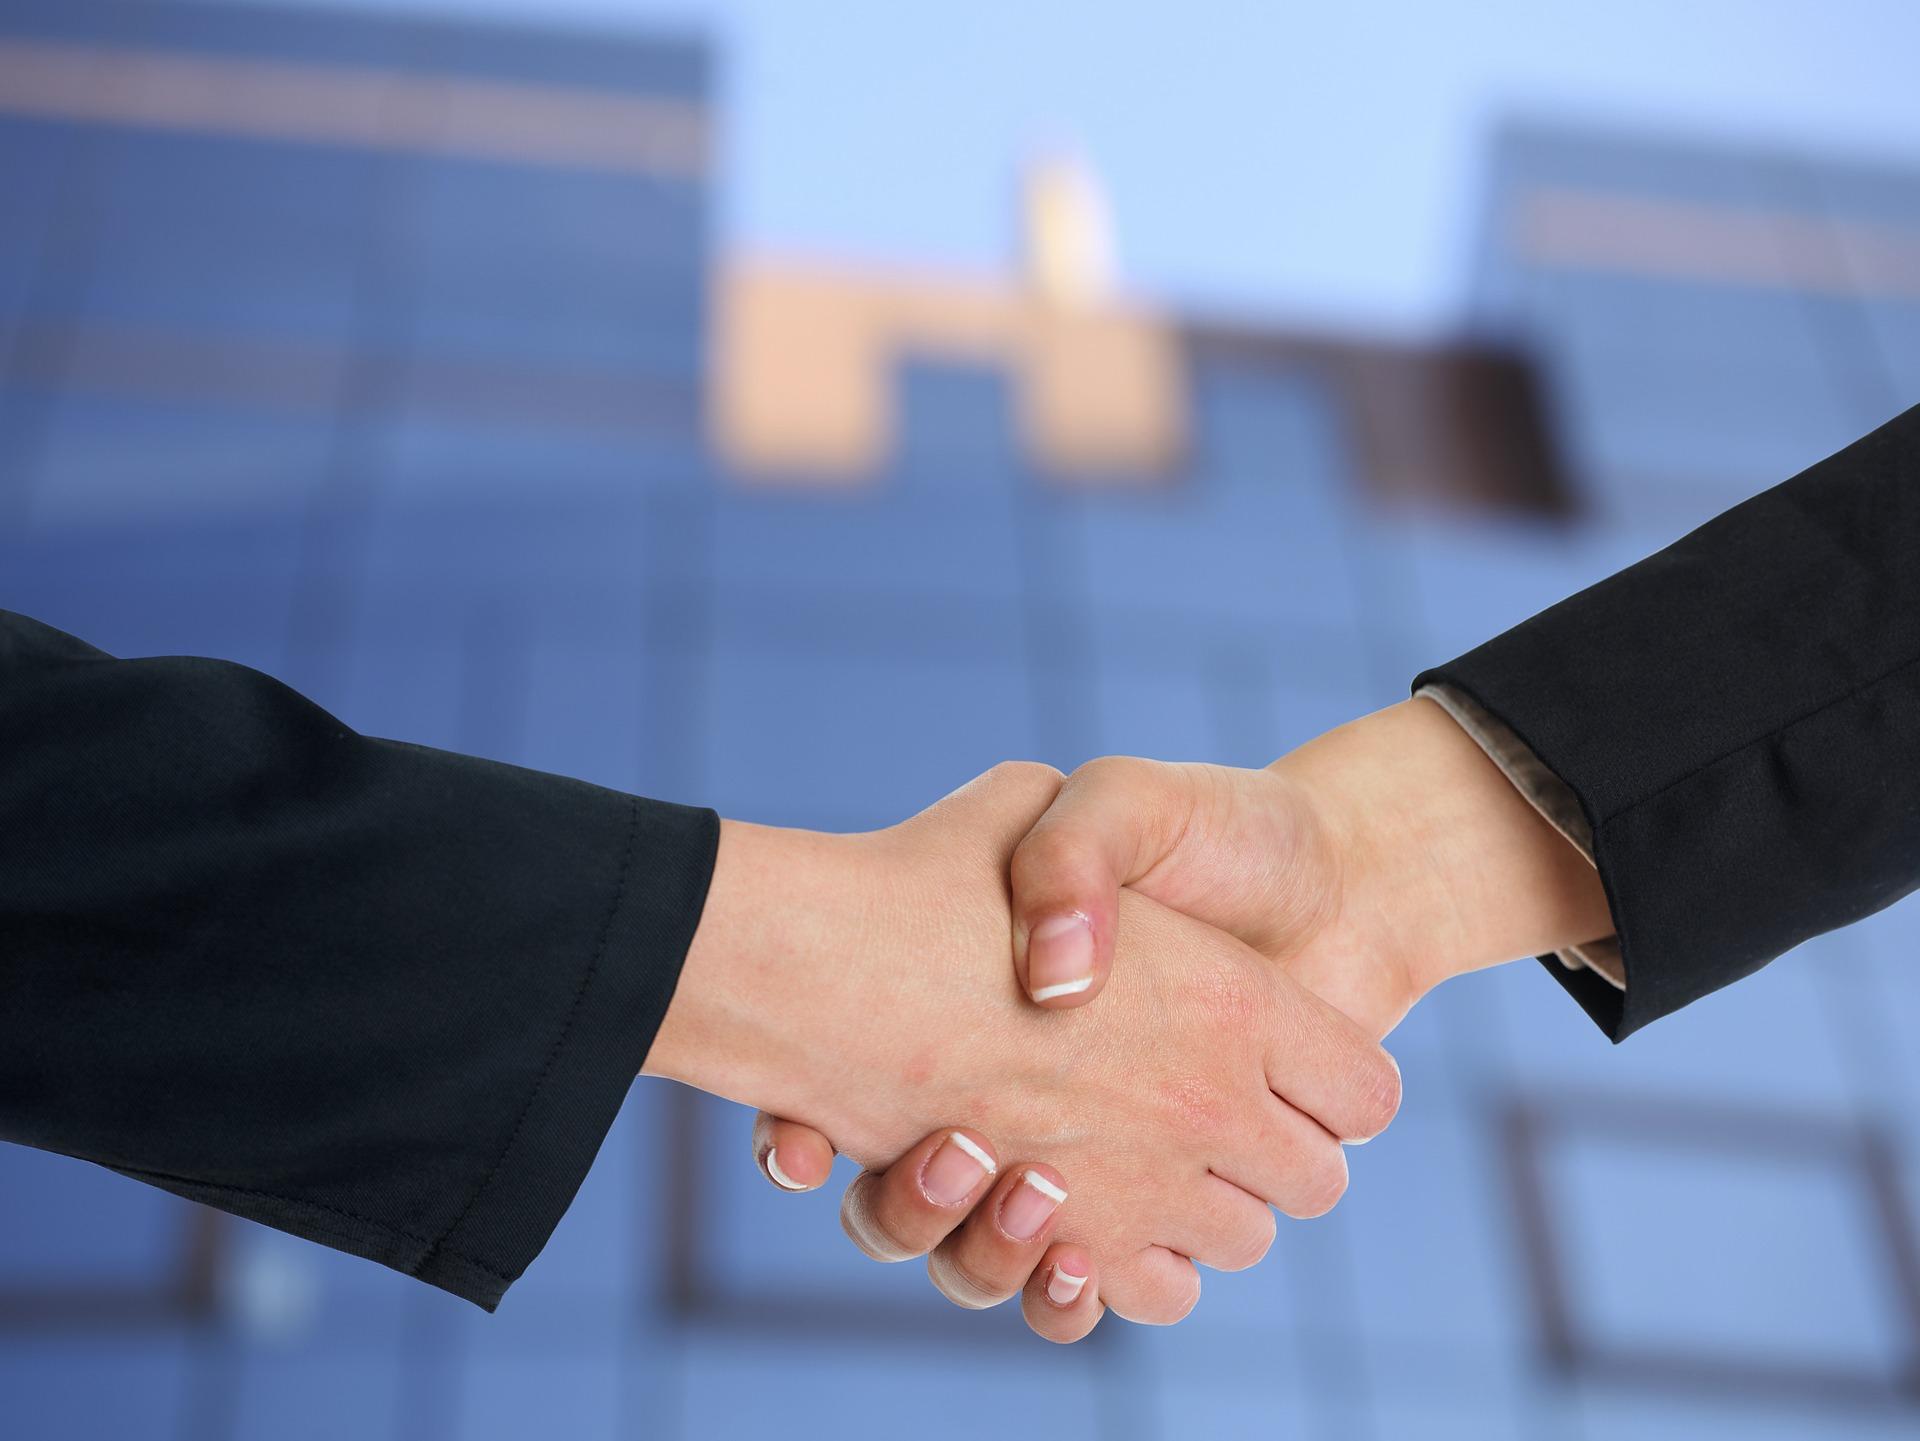 Чи має право замовник укласти договір за нижчою ціною?